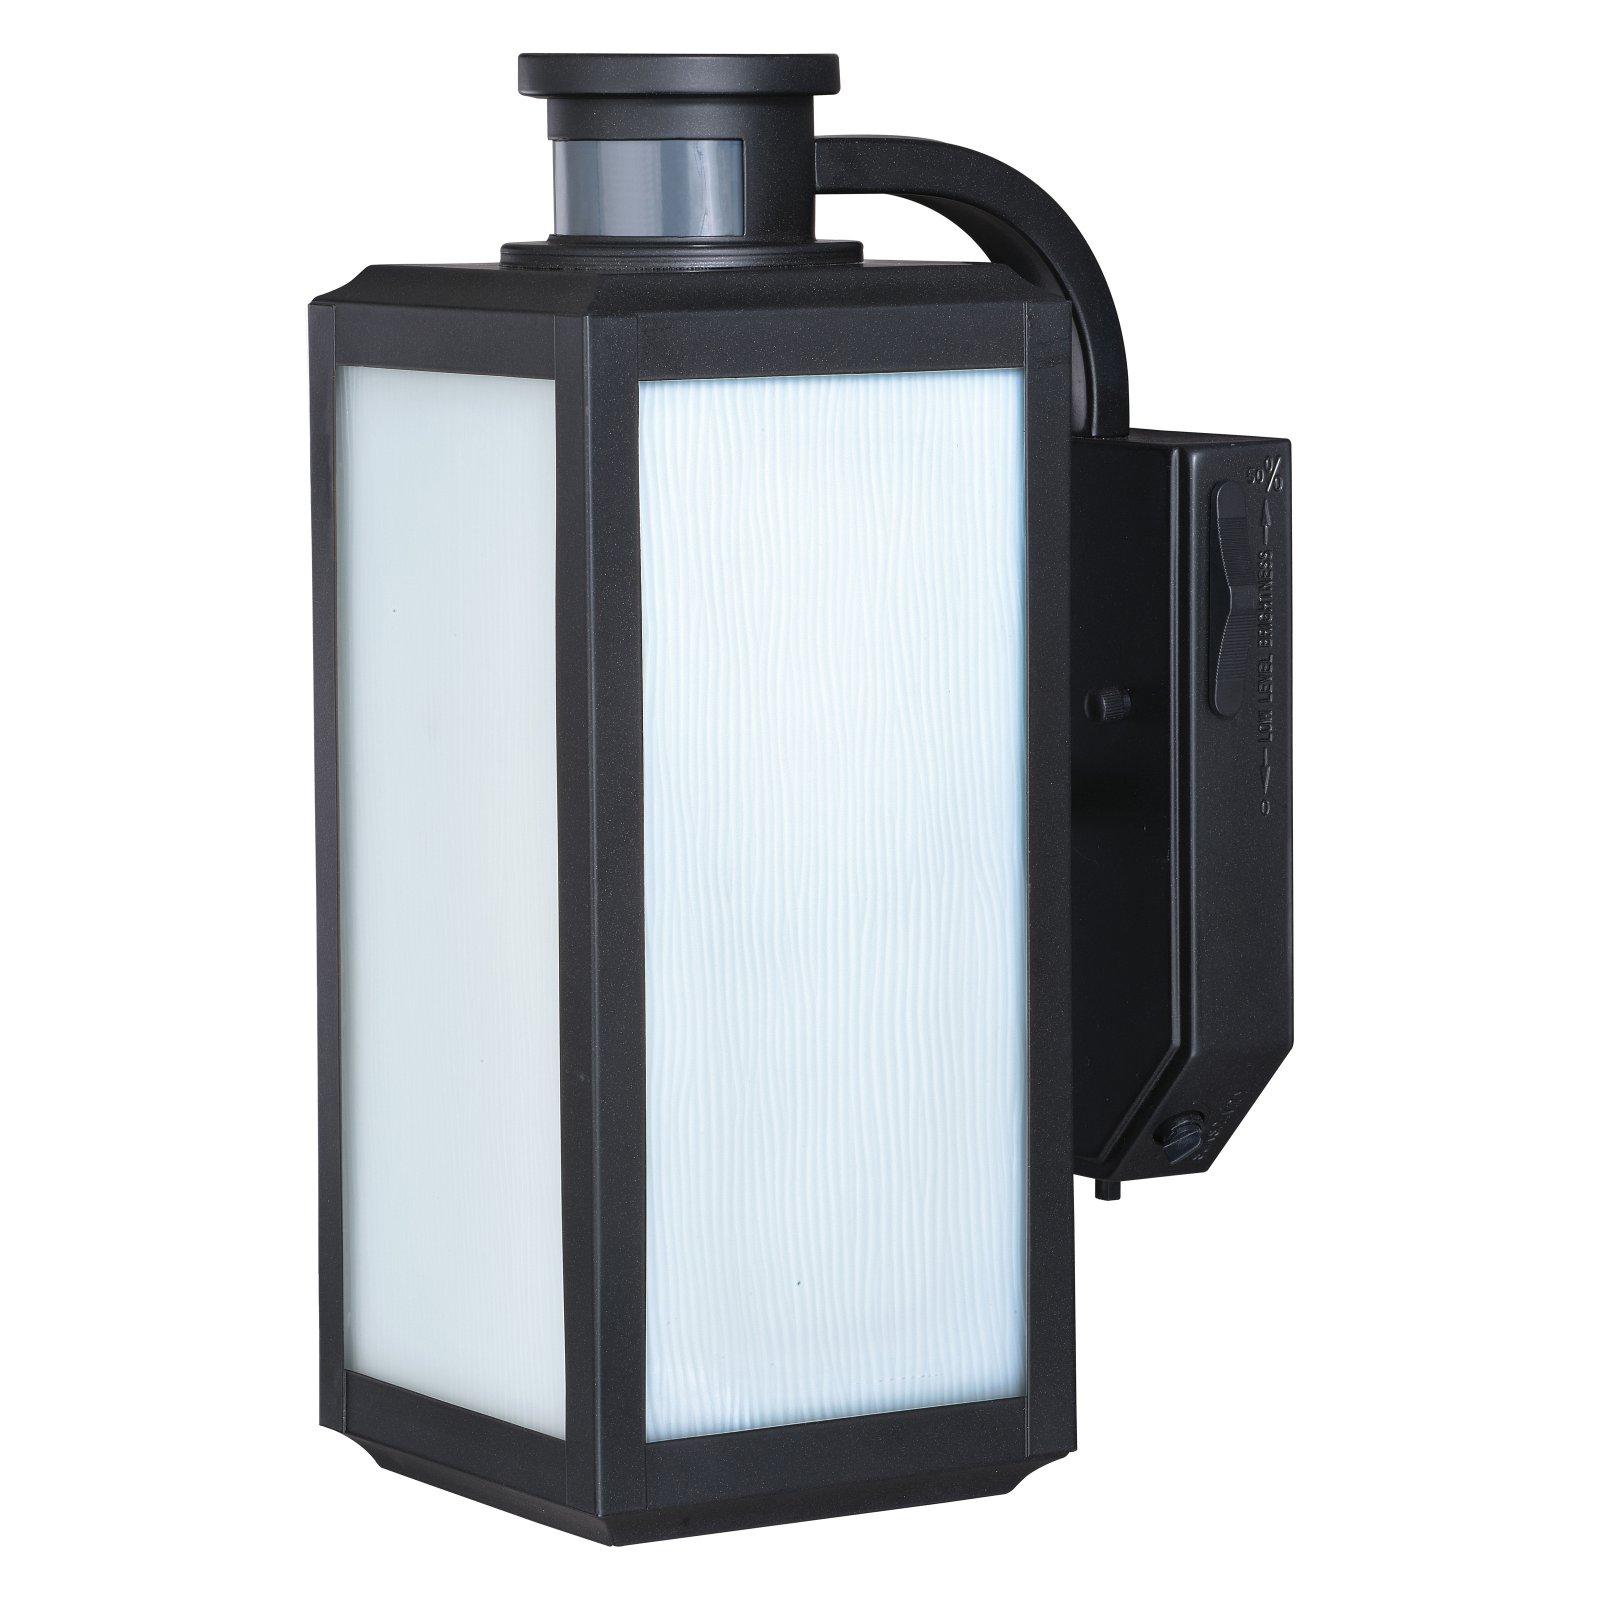 Vaxcel Rand T0213 Outdoor Wall Light